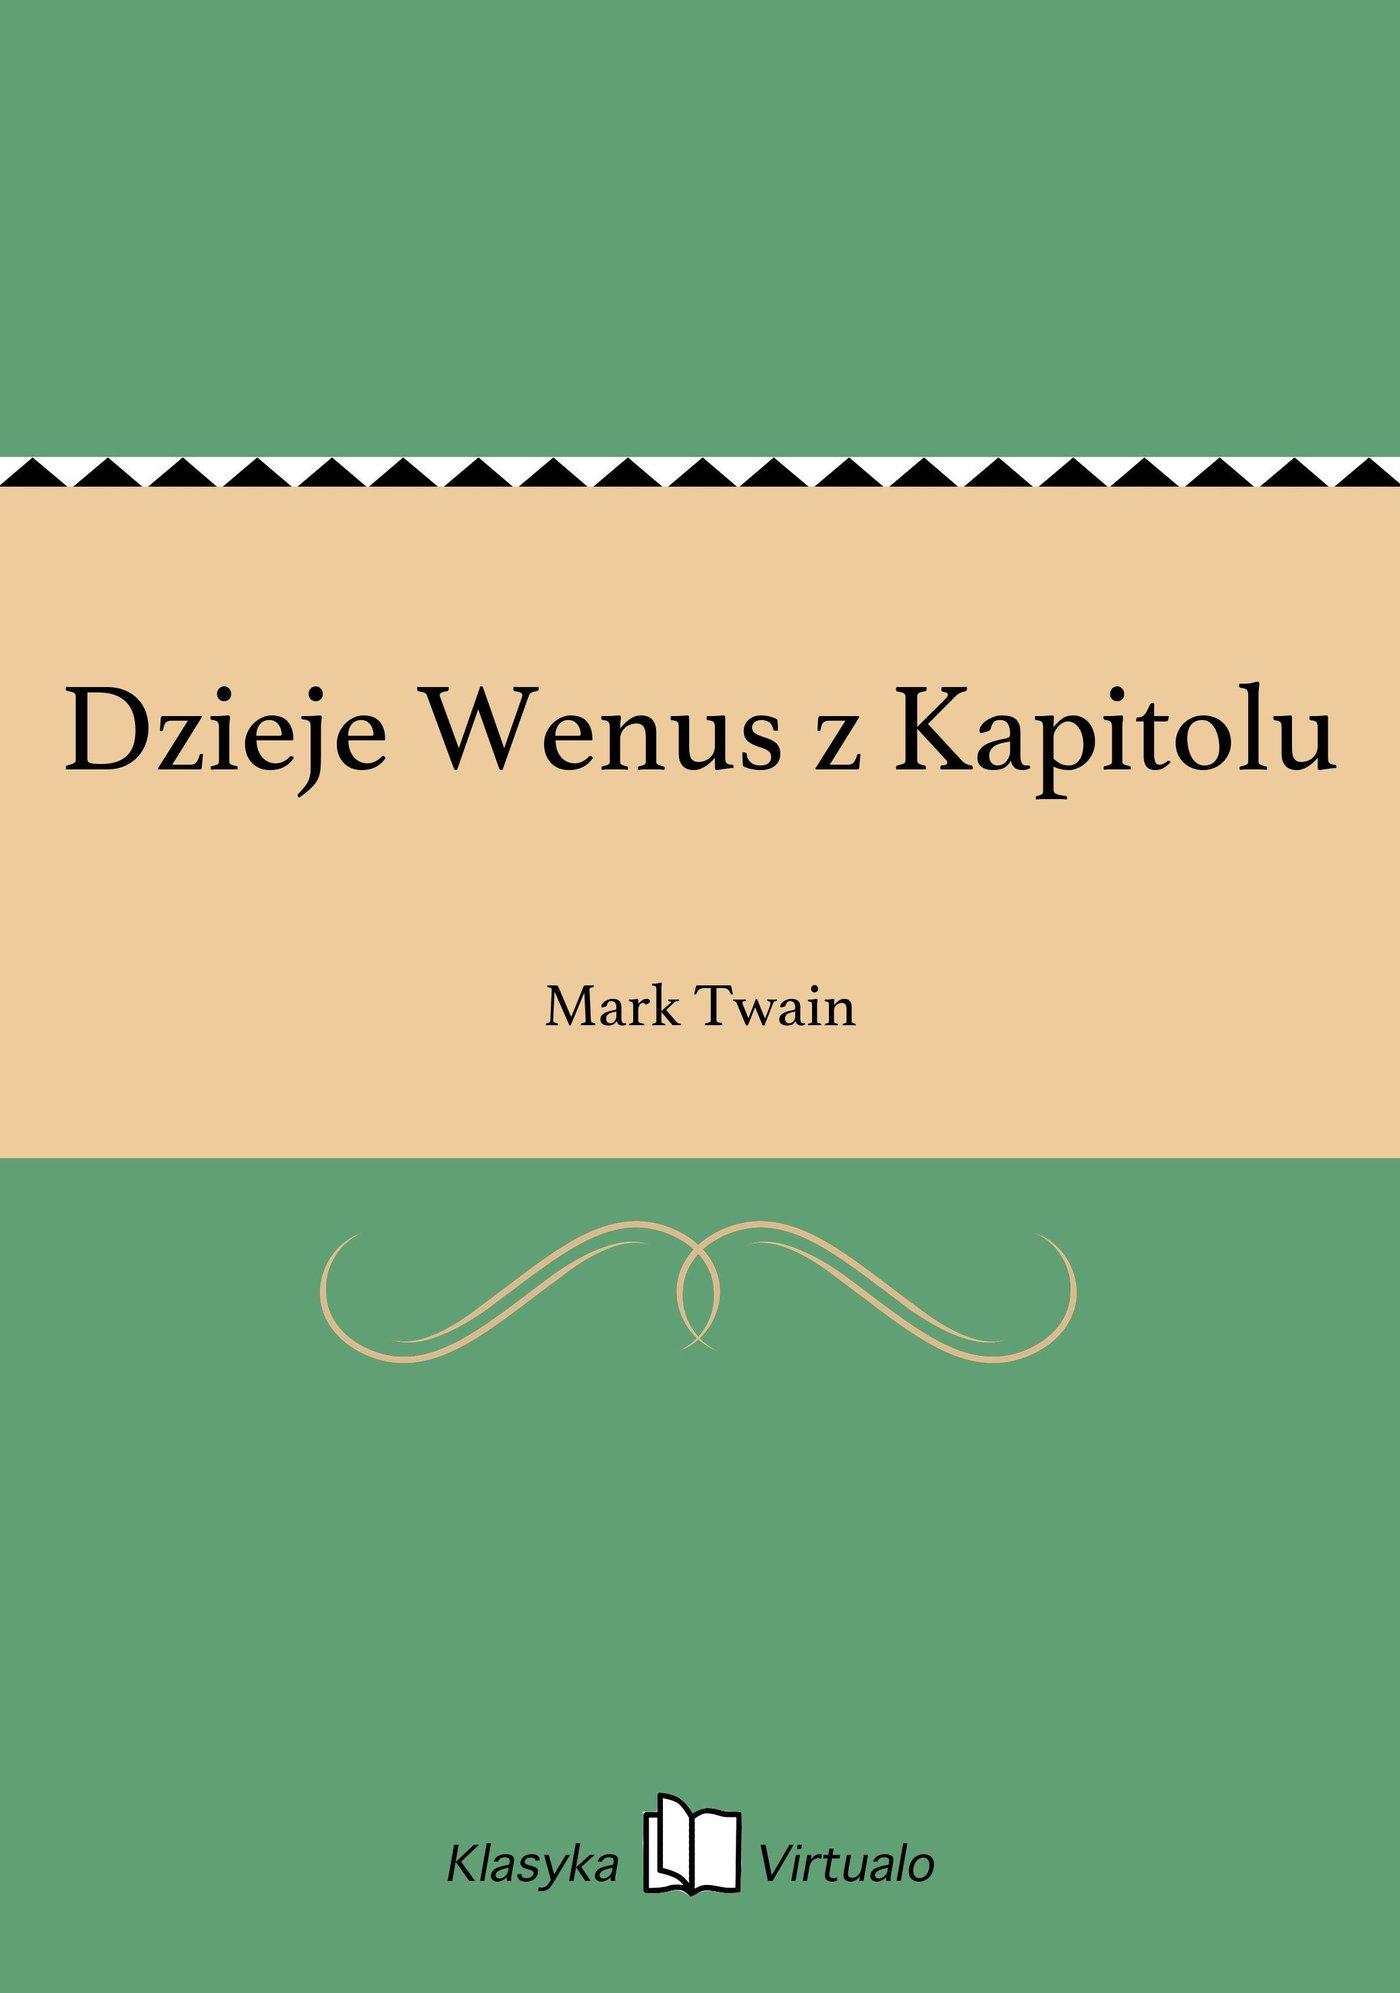 Dzieje Wenus z Kapitolu - Ebook (Książka EPUB) do pobrania w formacie EPUB